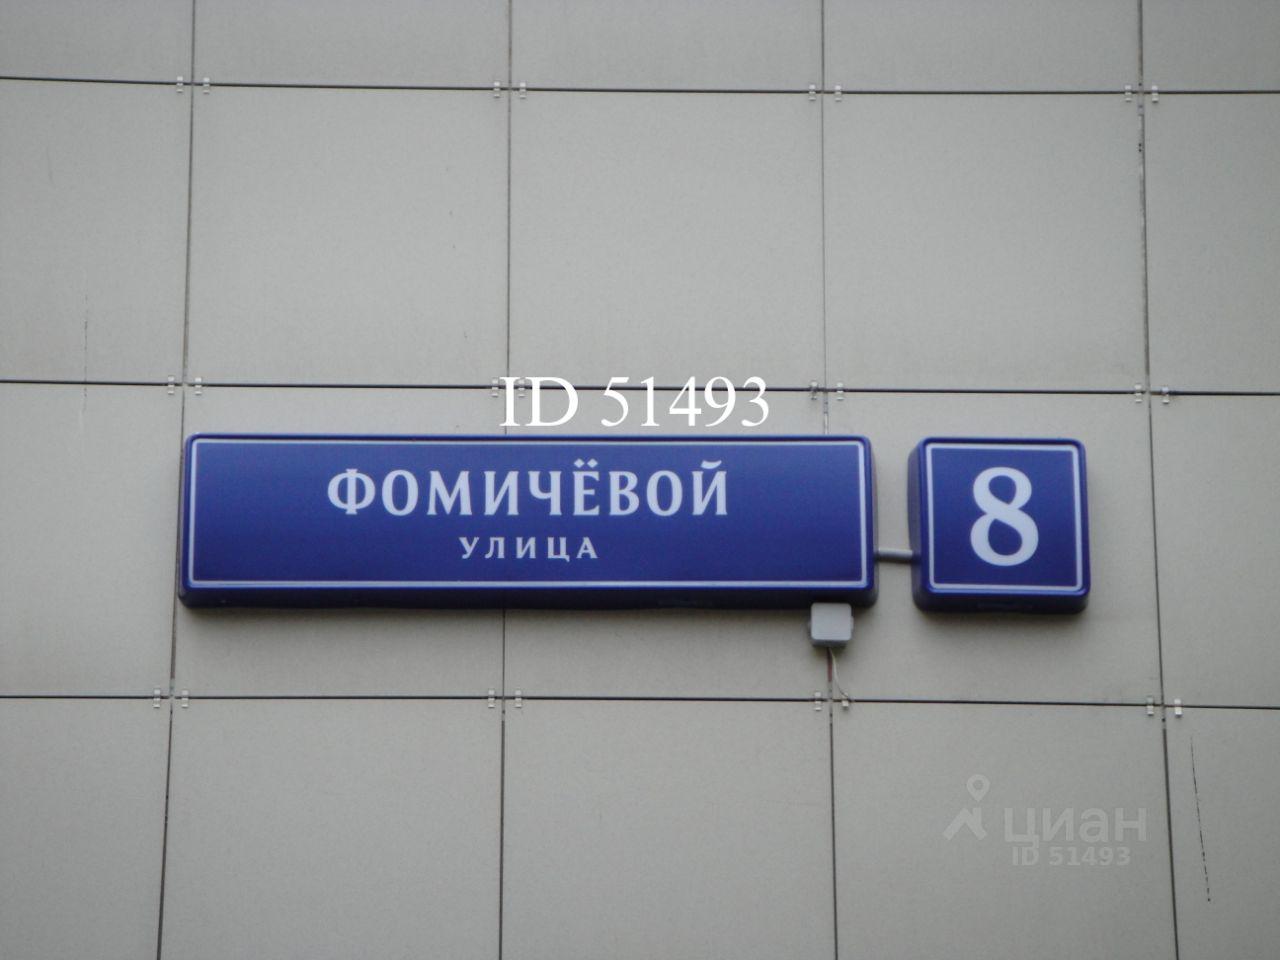 сниму однокомнатную квартиру город Москва, метро Планерная, улица Фомичевой, д. 8